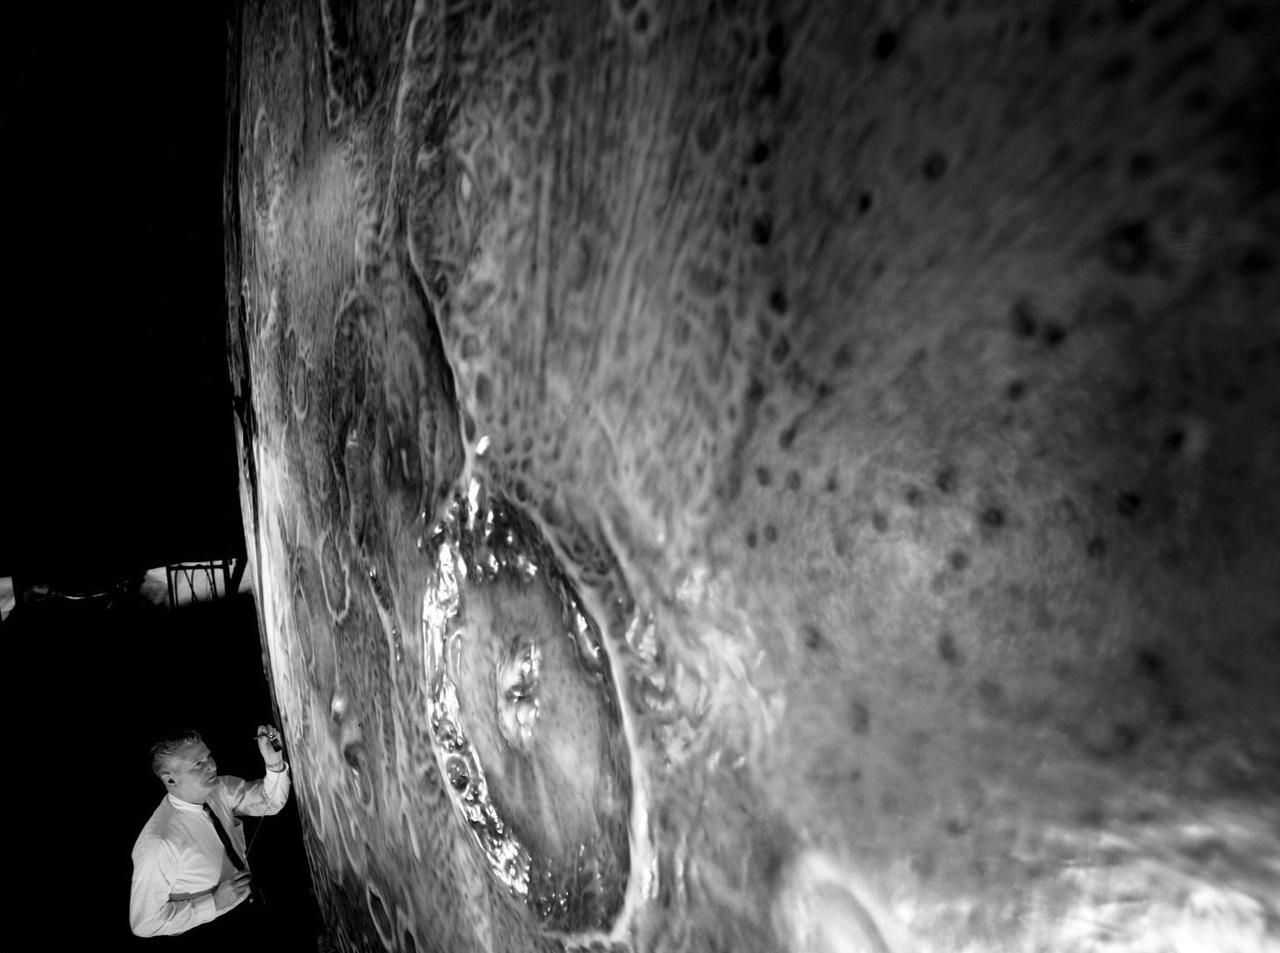 A LOLA szimulátorhoz négy hatalmas Holdat készítettek a NASA által felkért művészek. Mint később kiderült, a LOLA módszer nem volt valami hatékony, mivel pont az egyik legfontosabb mozzanatot, a Hold körüli pályán való összekapcsolódást nem lehetett vele gyakorolni.